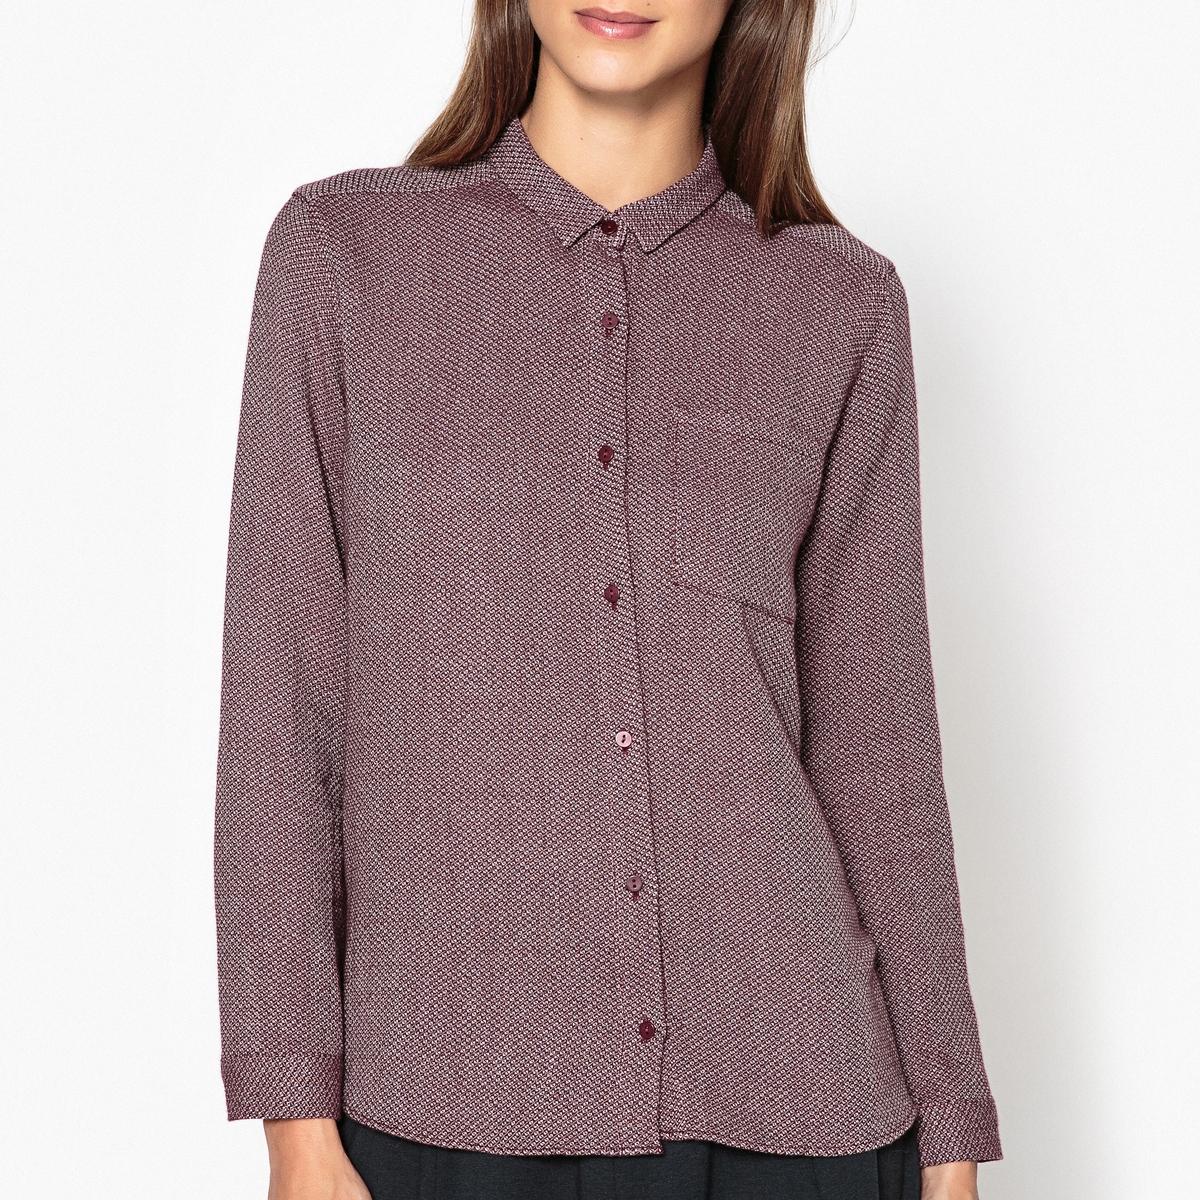 Рубашка из 100% хлопка CASILEРубашка с длинными рукавами HARRIS WILSON - модель CASILDE из жаккардовой двухцветной ткани из 100% хлопка.Описание •  Длинные рукава  •  Прямой покрой  •  Воротник-поло, рубашечный Состав и уход •  100% хлопок  •  Следуйте рекомендациям по уходу, указанным на этикетке изделия   •  Карман на груди •  Манжеты на пуговицах •  Низ слегка закругленный •  Складки сзади.Характеристики<br><br>Цвет: синий/ белый,сливовый